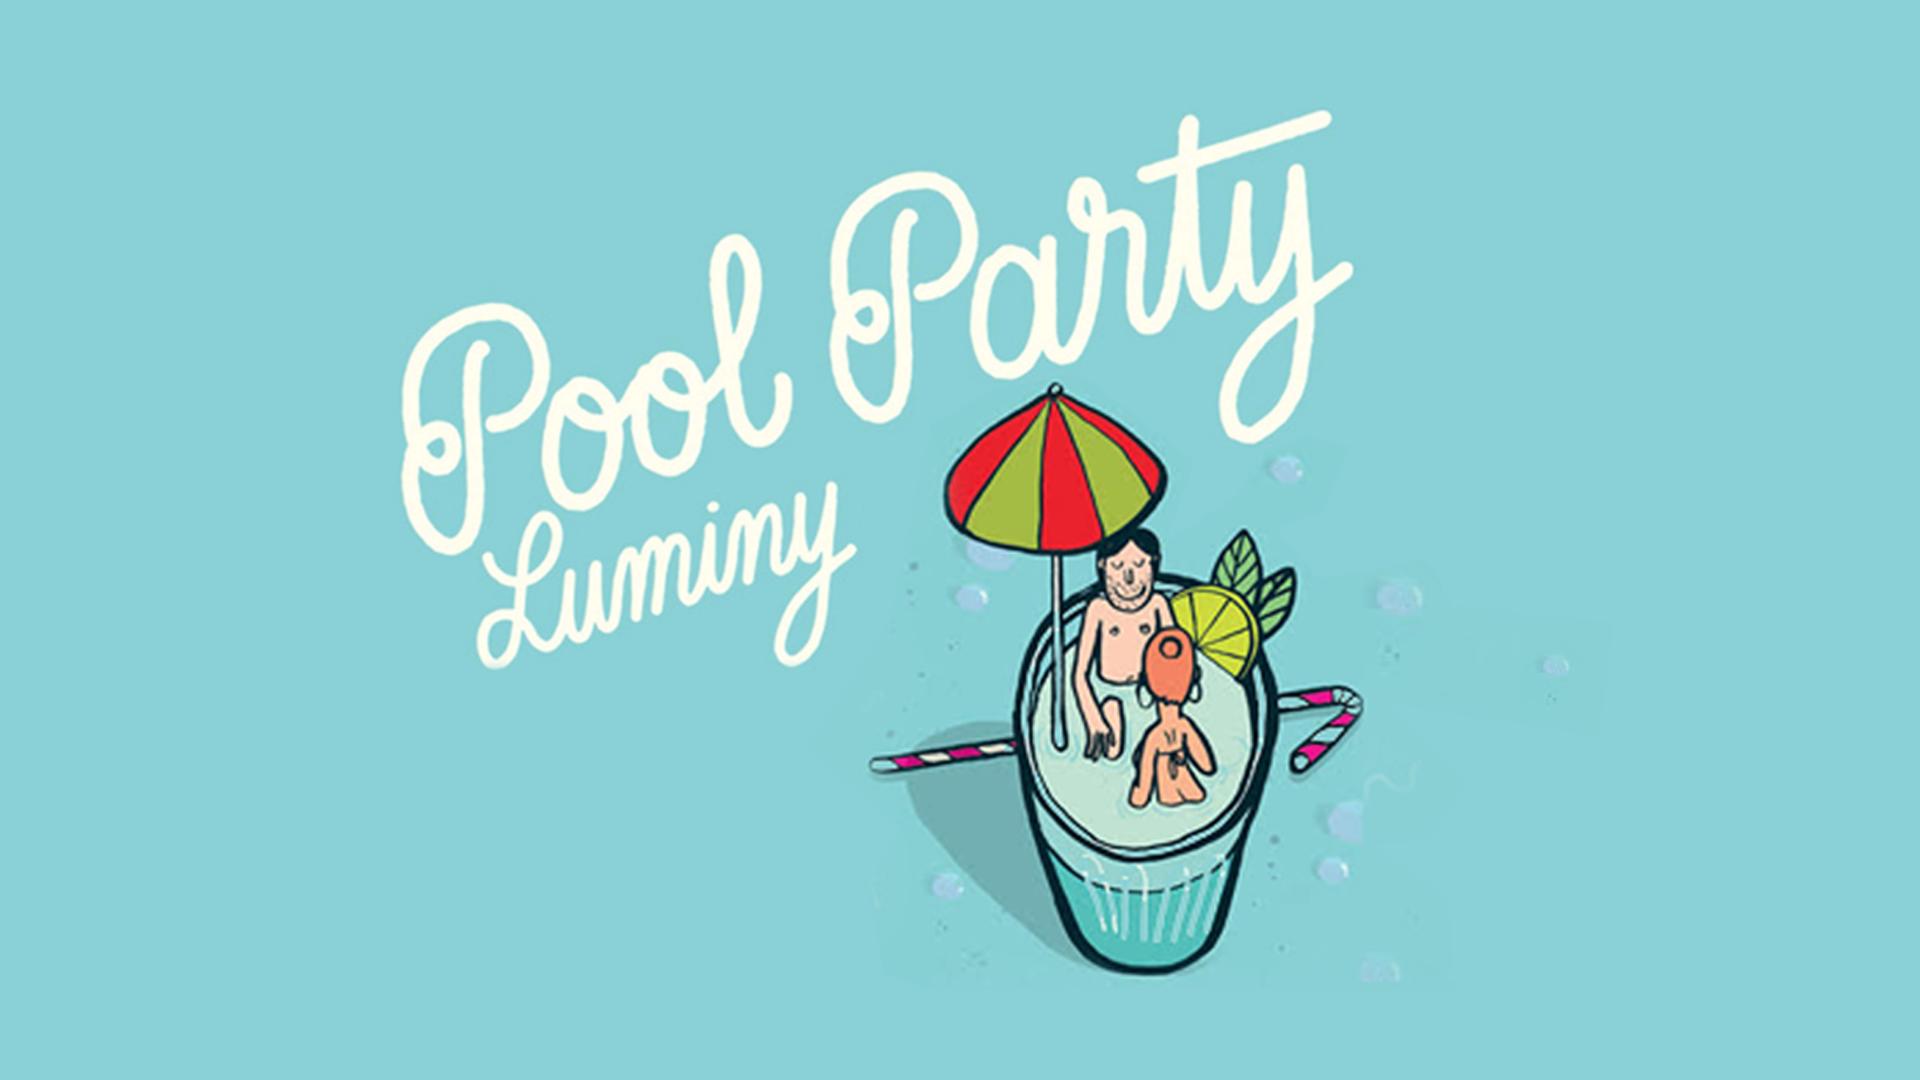 Pool party Luminy | 07 août